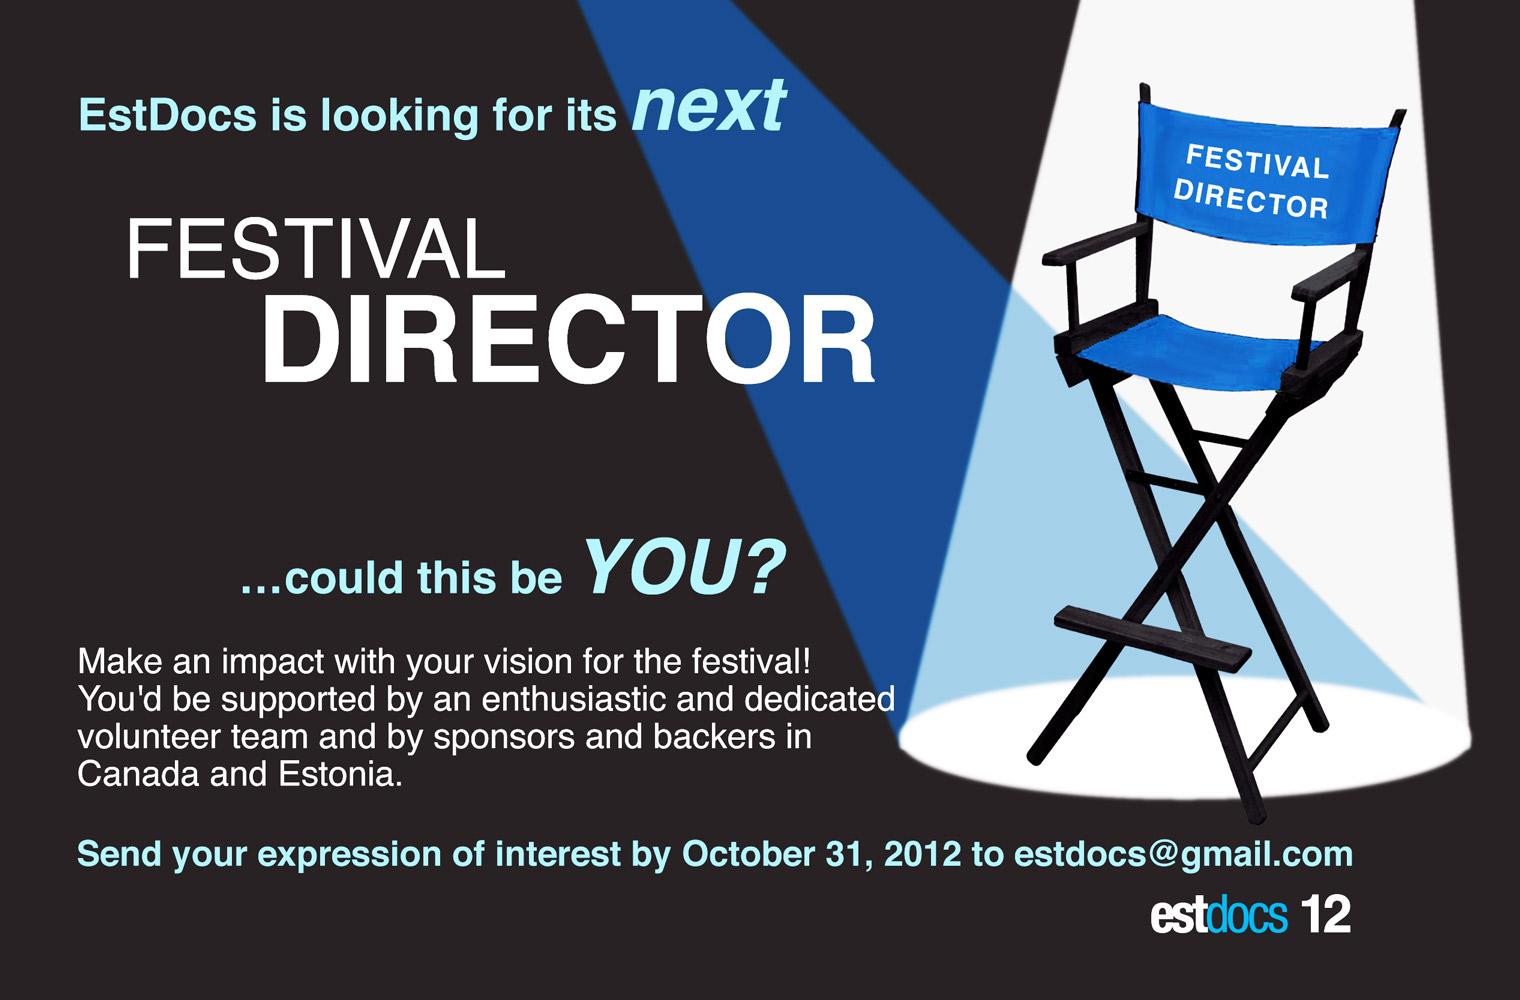 FestivalDirectorAd1.jpg